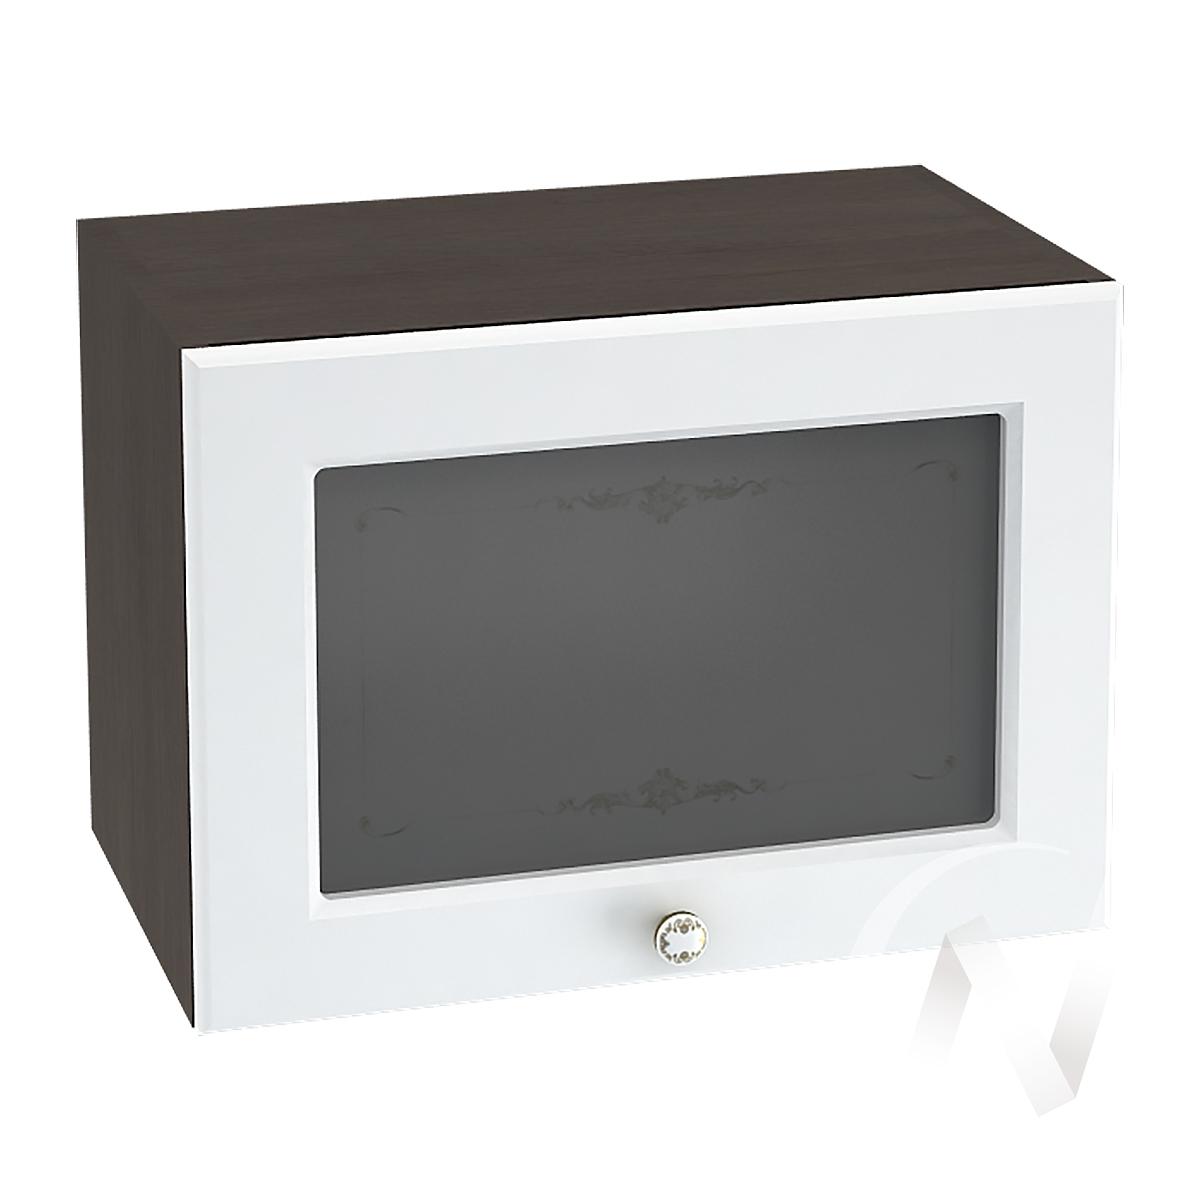 """Кухня """"Шарлиз"""": Шкаф верхний горизонтальный со стеклом 500, ШВГС 500 (корпус венге)"""